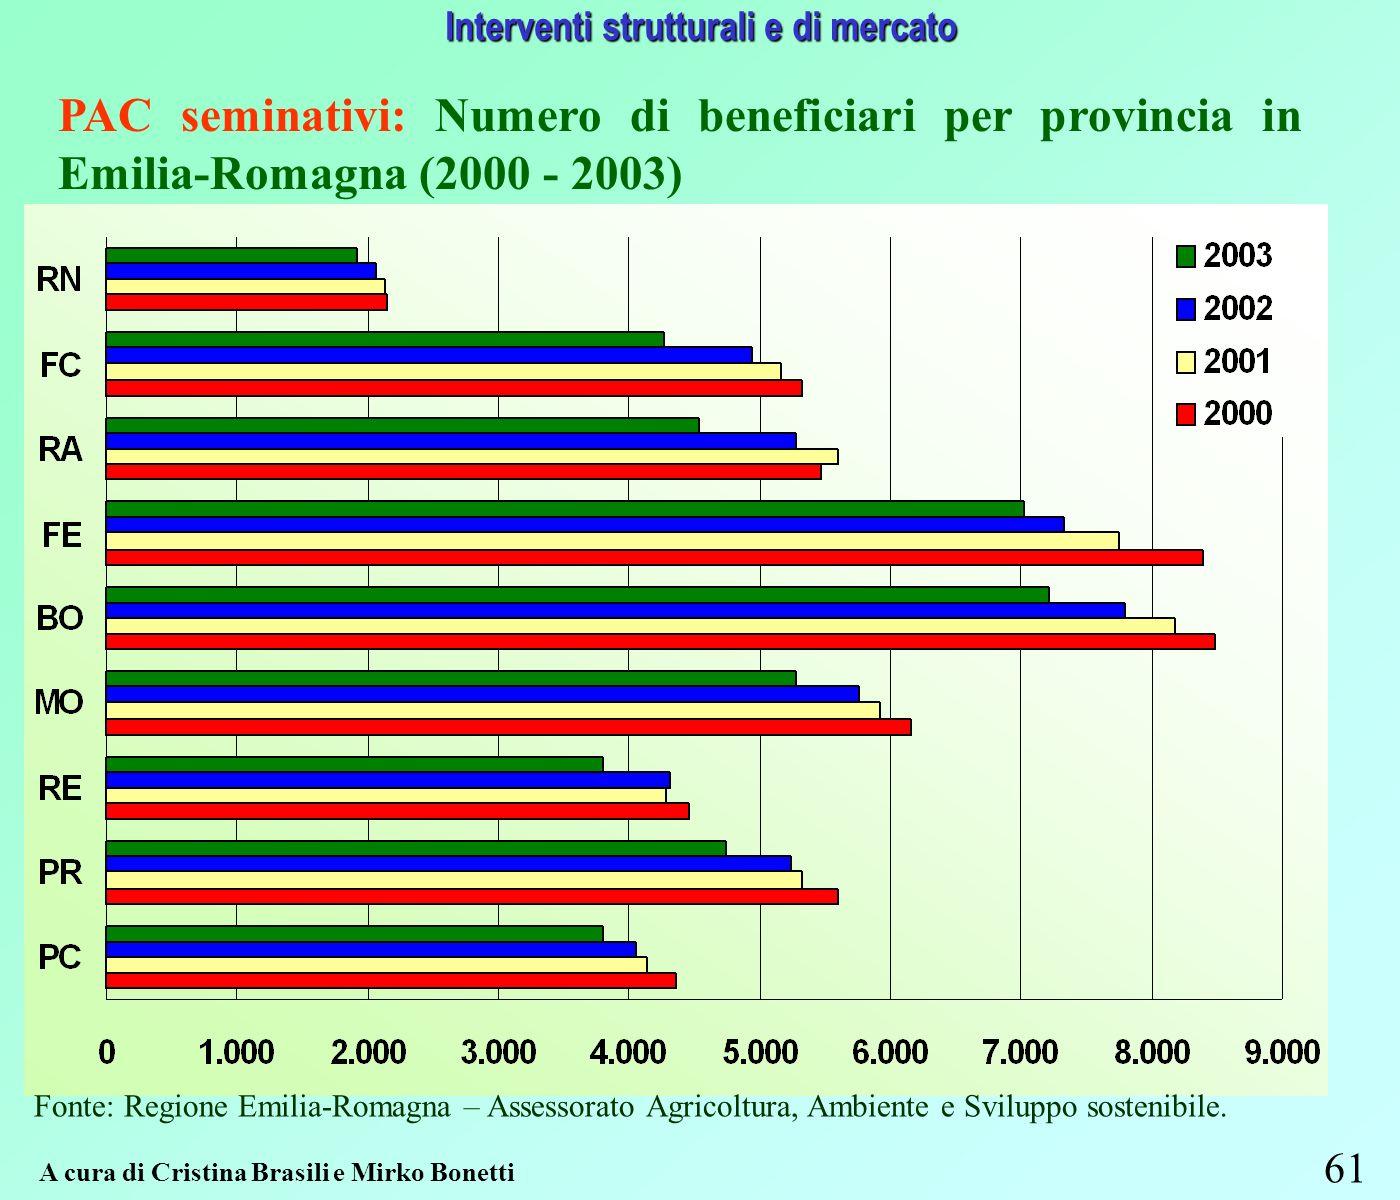 61 Interventi strutturali e di mercato PAC seminativi: Numero di beneficiari per provincia in Emilia-Romagna (2000 - 2003) Fonte: Regione Emilia-Romagna – Assessorato Agricoltura, Ambiente e Sviluppo sostenibile.